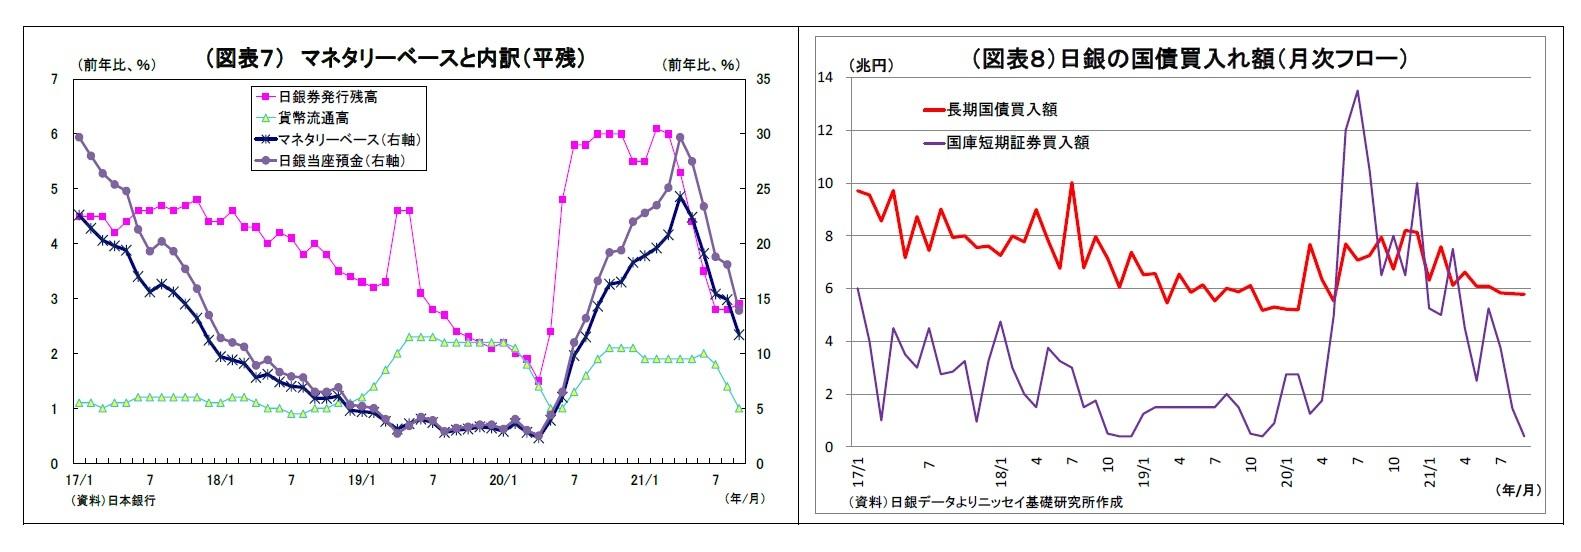 (図表7) マネタリーベースと内訳(平残)/(図表8)日銀の国債買入れ額(月次フロー)